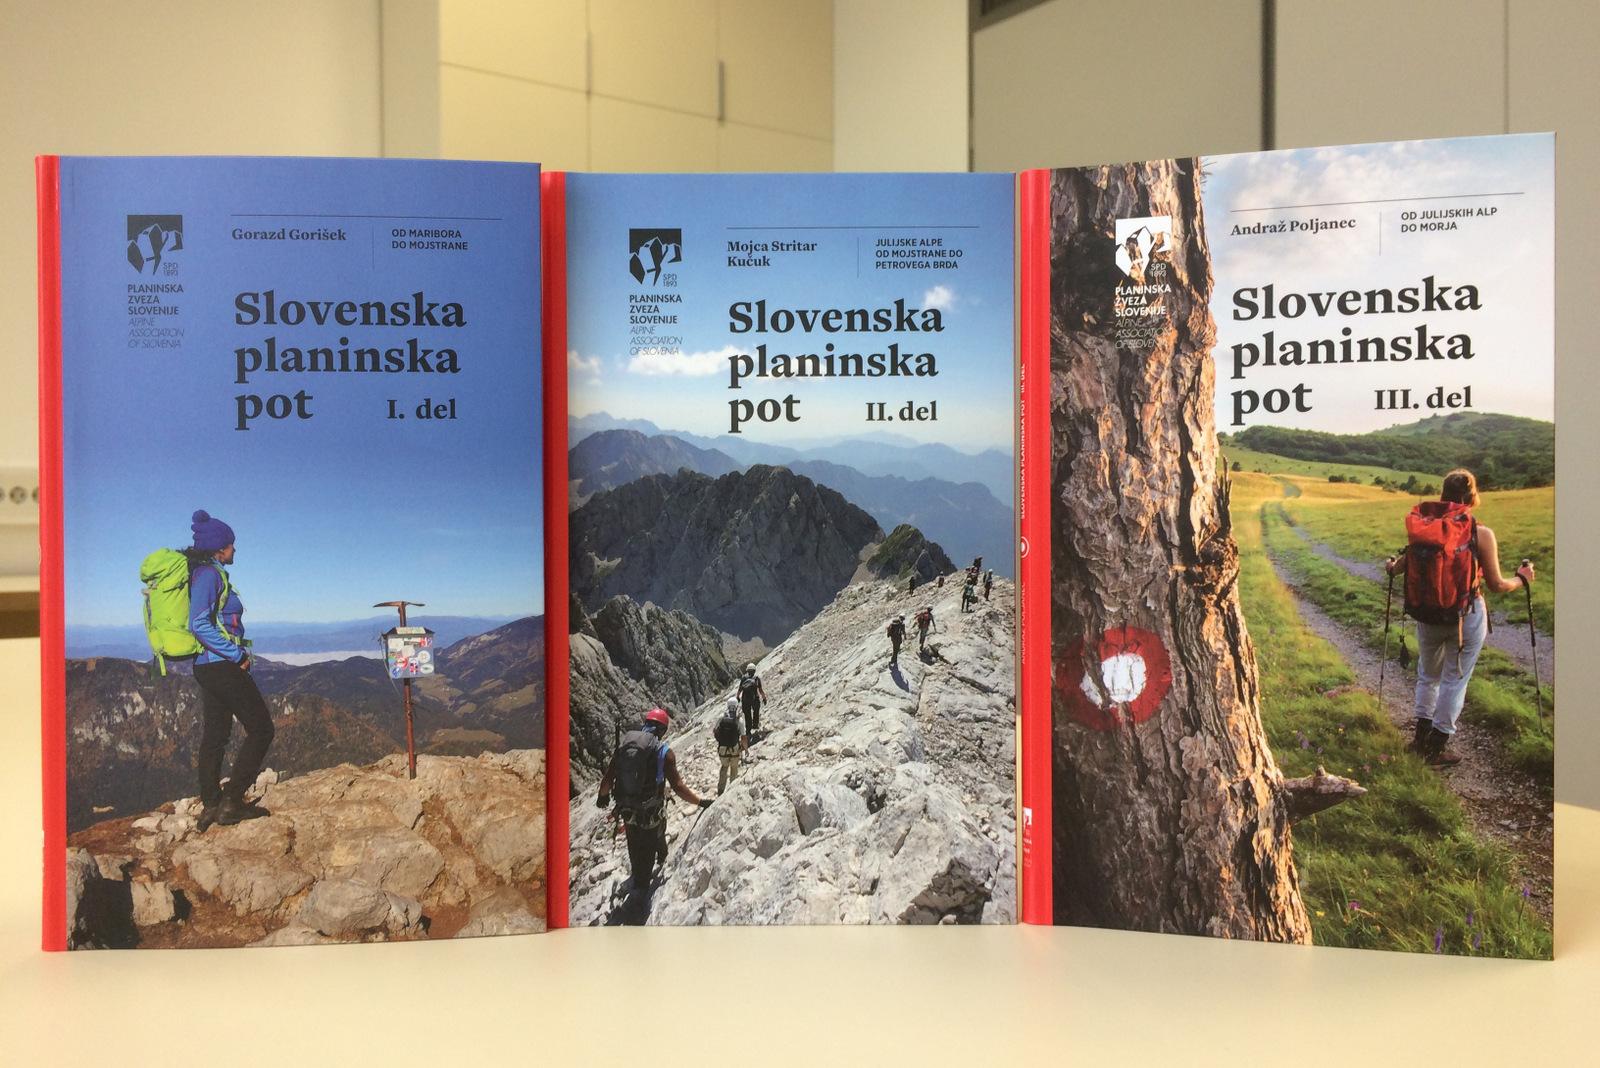 slovenska_planinska_pot_vodnik_foto_manca_cujez